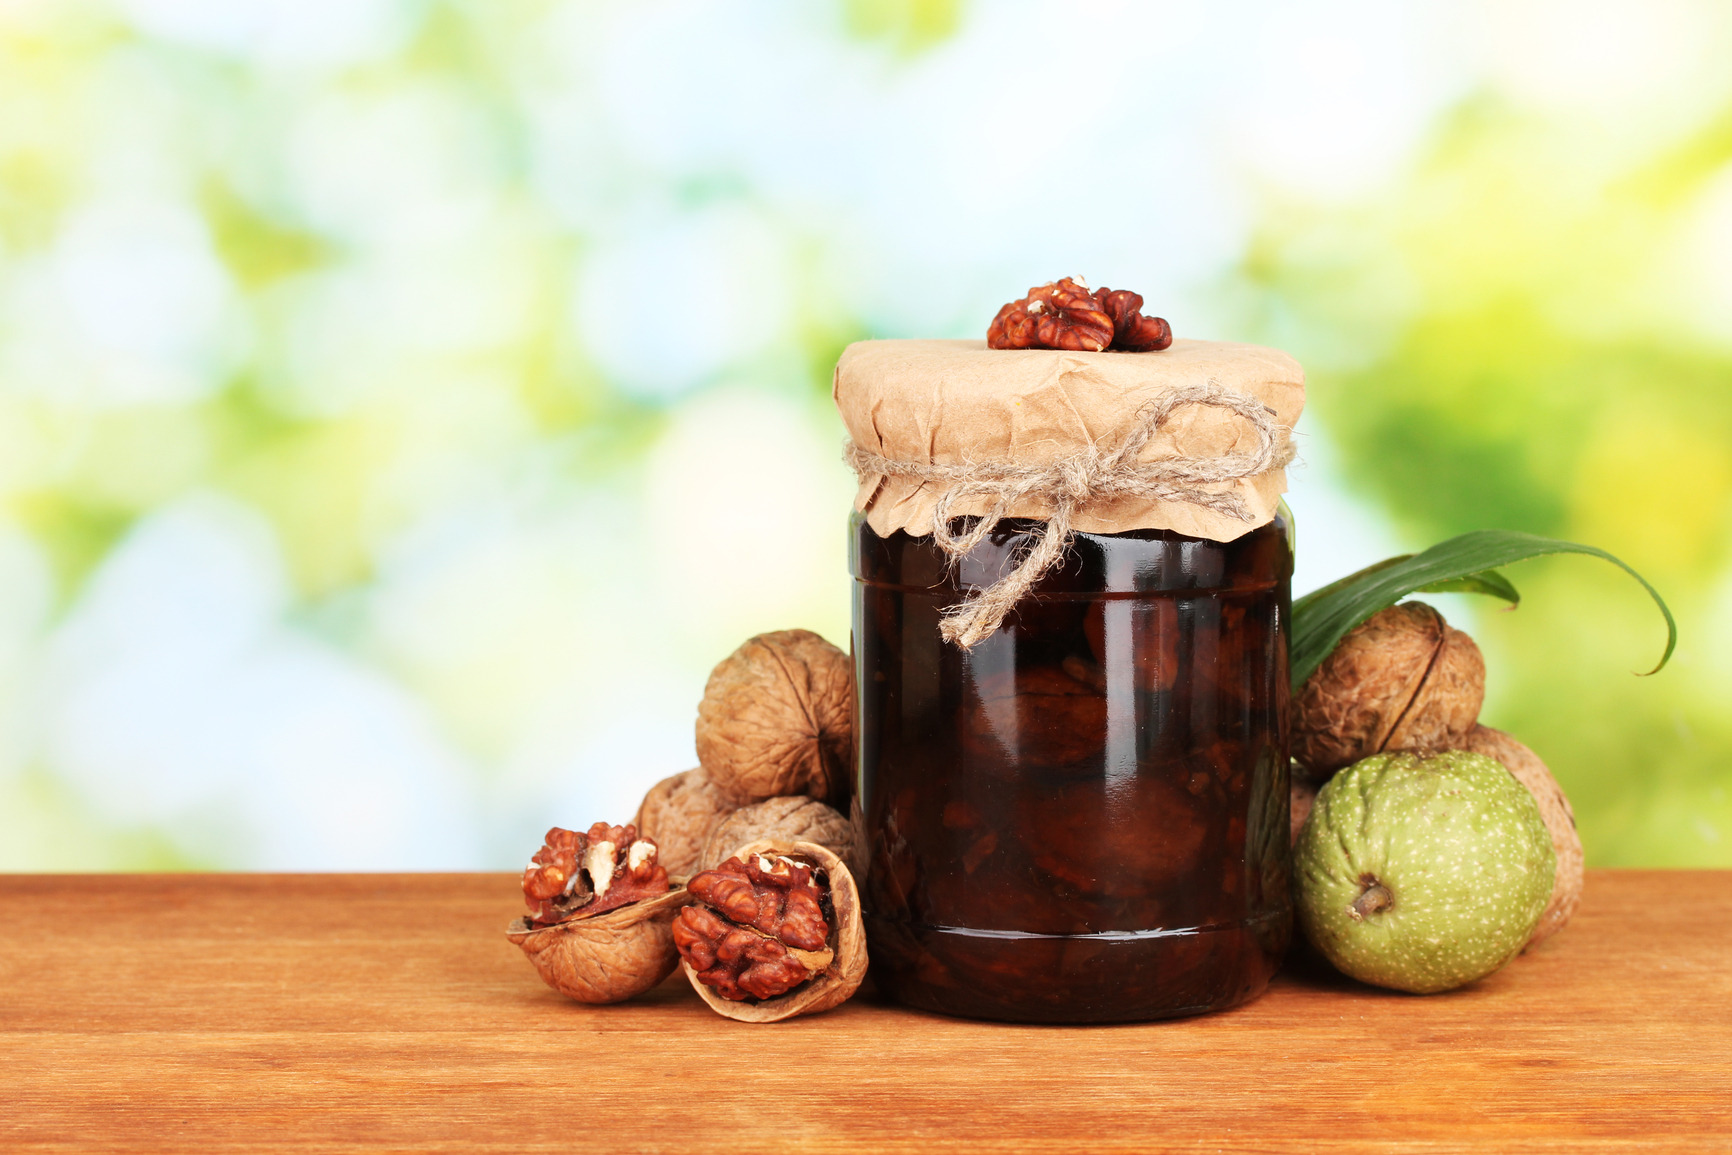 Варенье из грецких орехов – 6 рецептов, как приготовить. Чем полезно варенье из зеленых грецких орехов